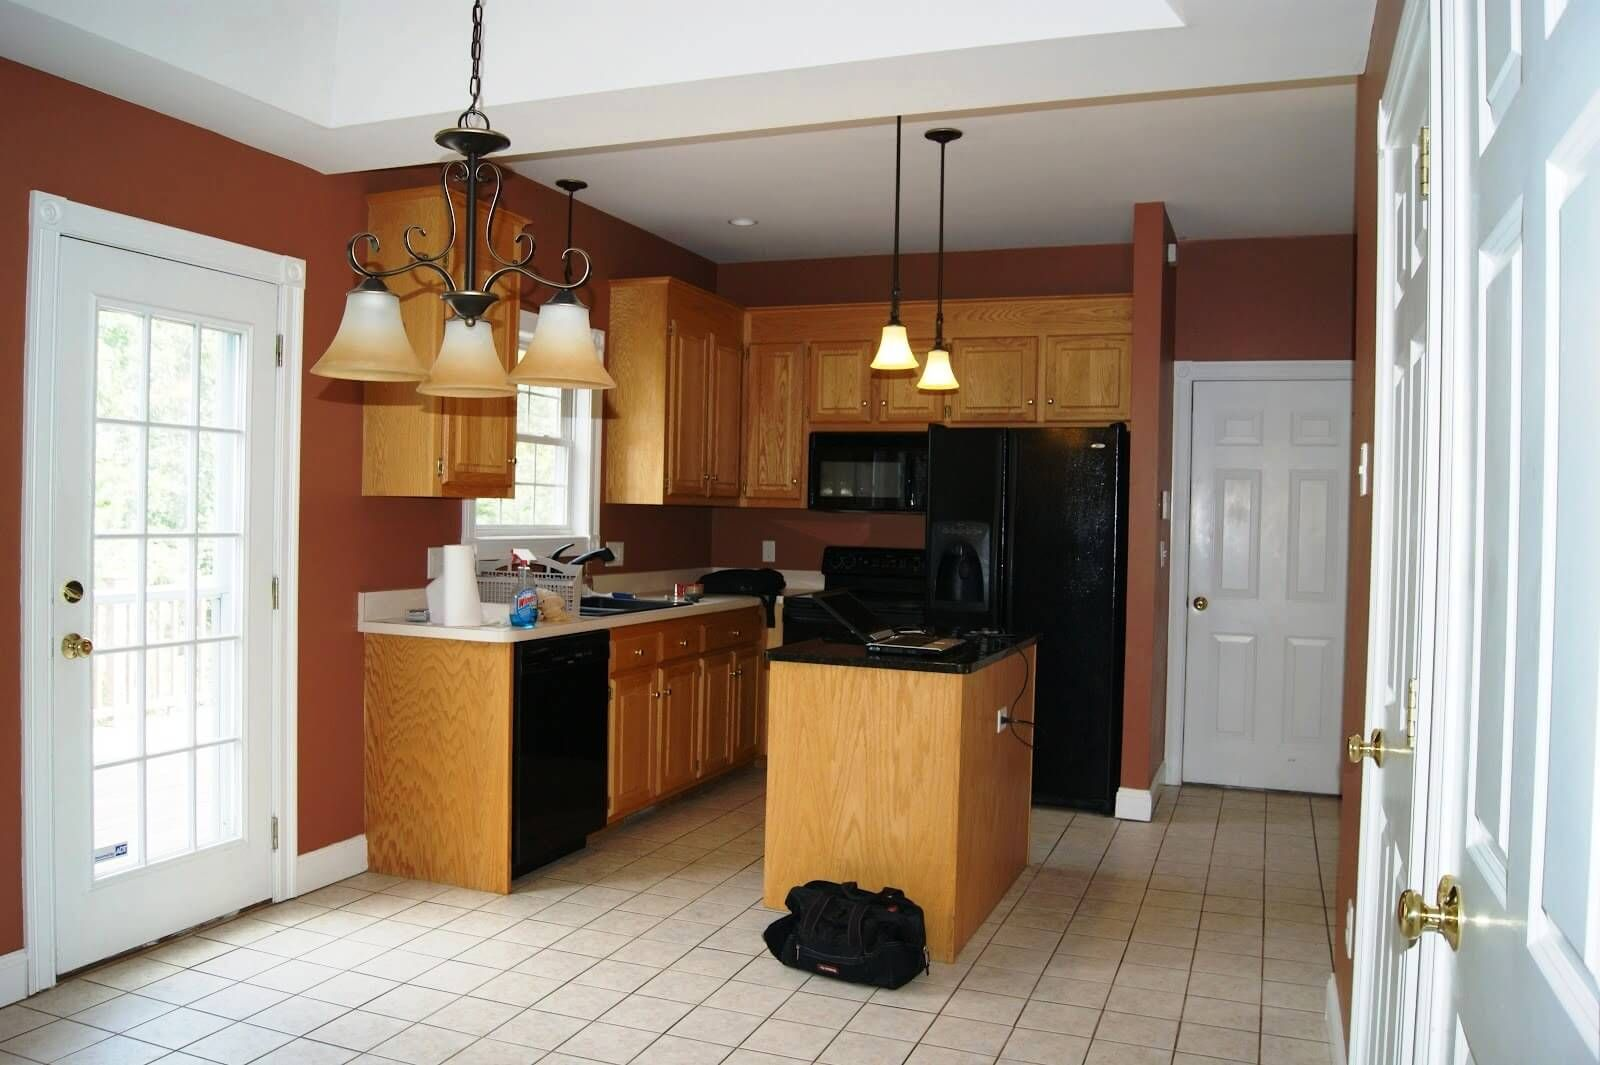 Küchenideen rot und weiß herrliche alte küchenschränke  gelb rot blau weiß grün und grau